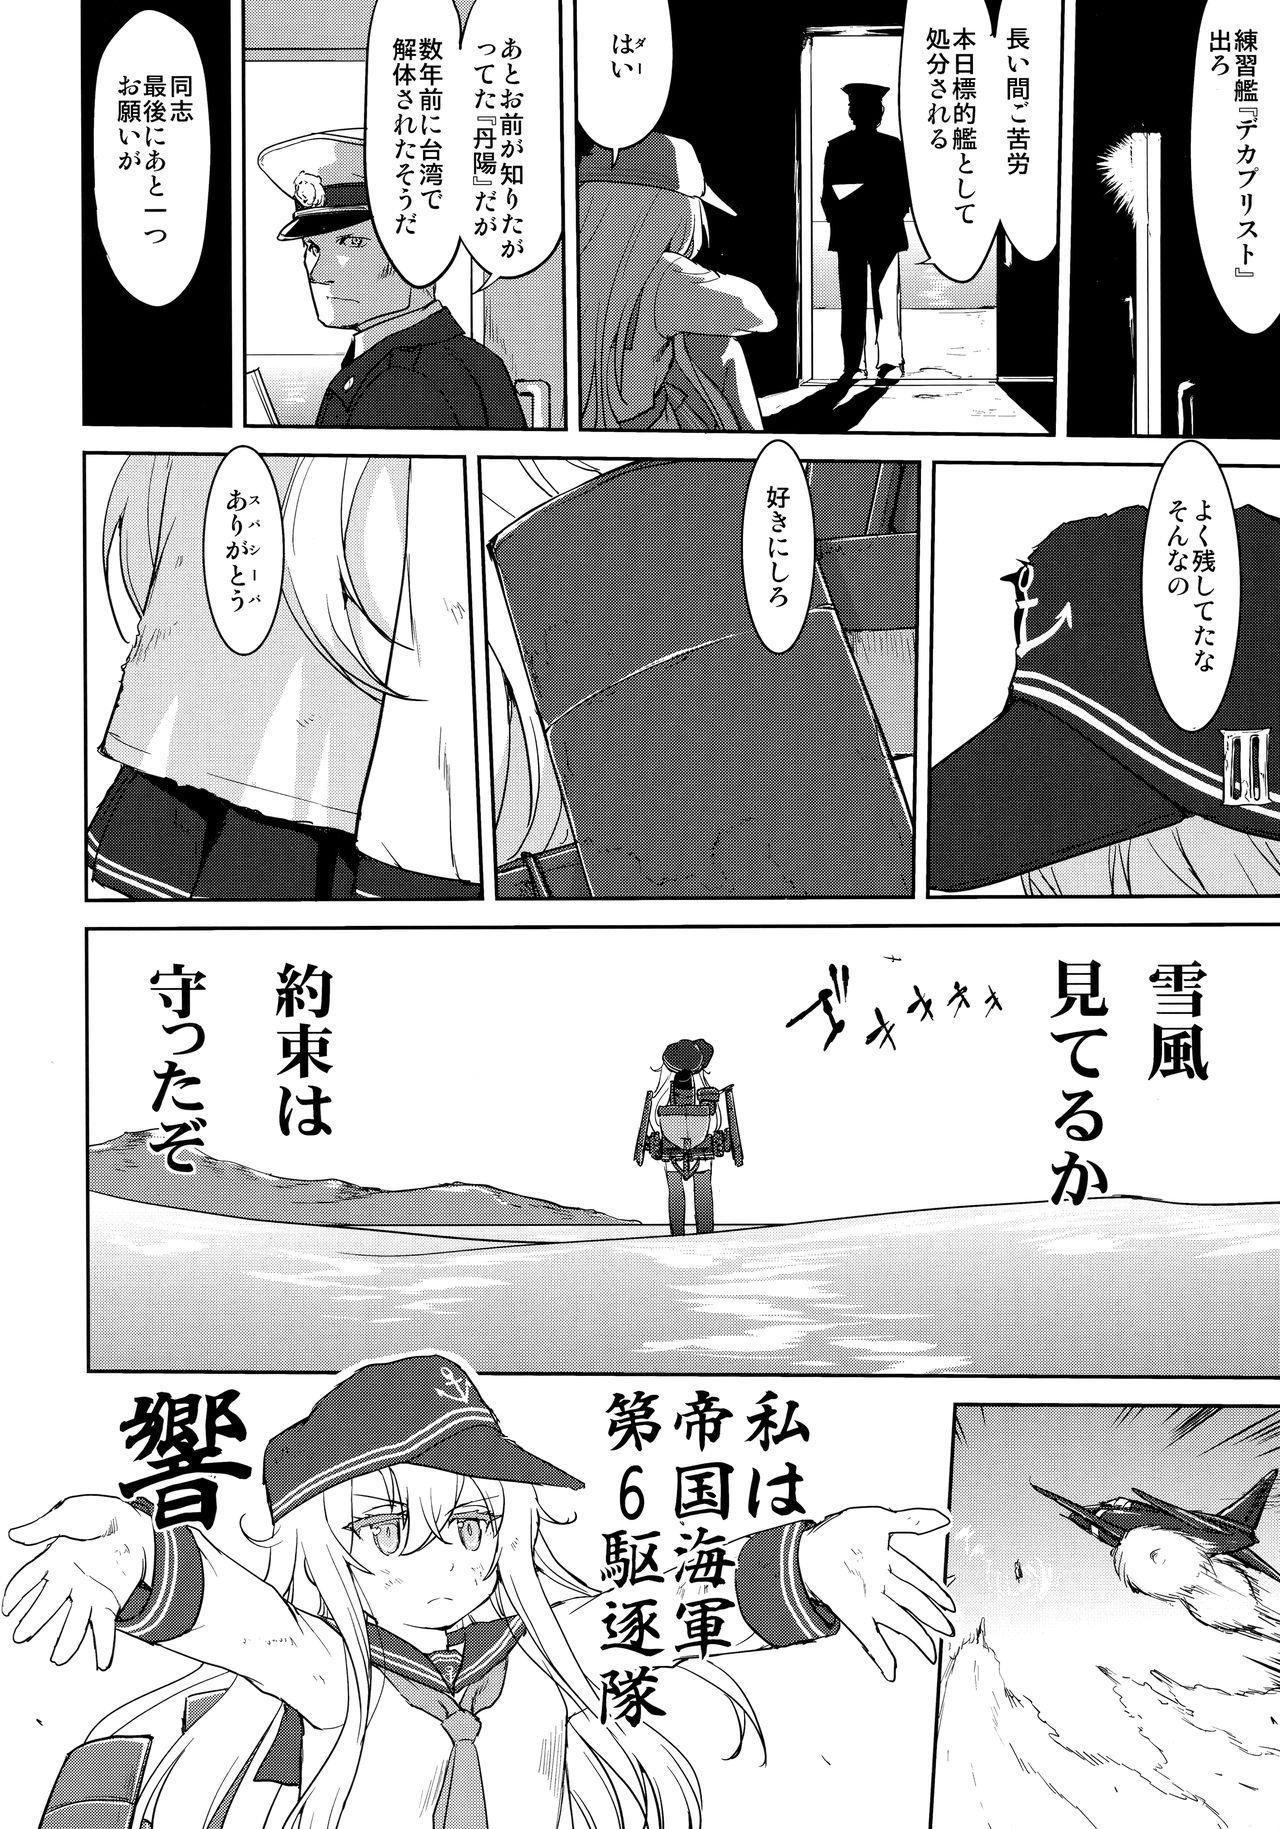 Teitoku no Ketsudan Kanmusu no Ichiban Nagai Hi 56